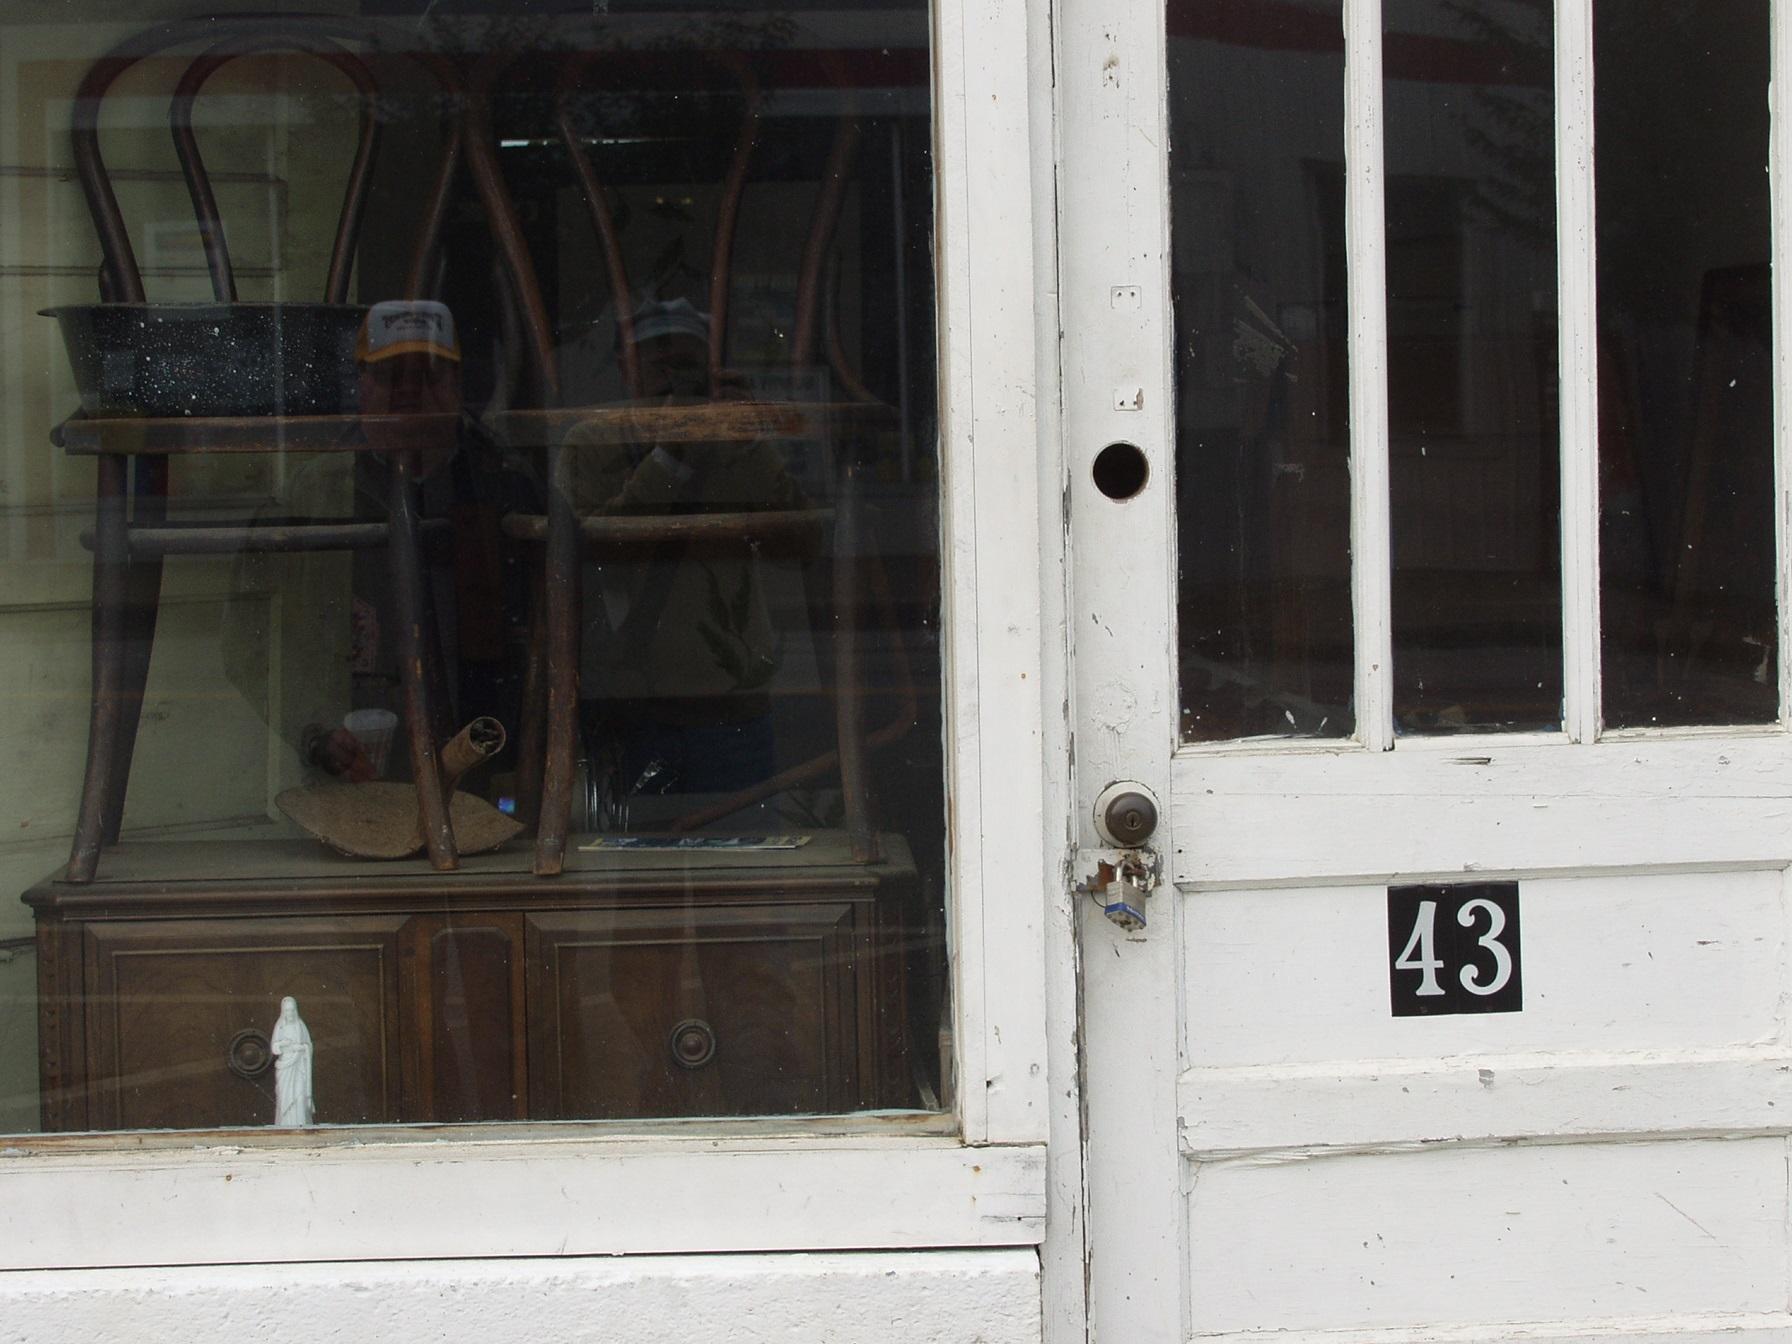 Reflection Portrait In Window, Murphy NC 10/12/2003